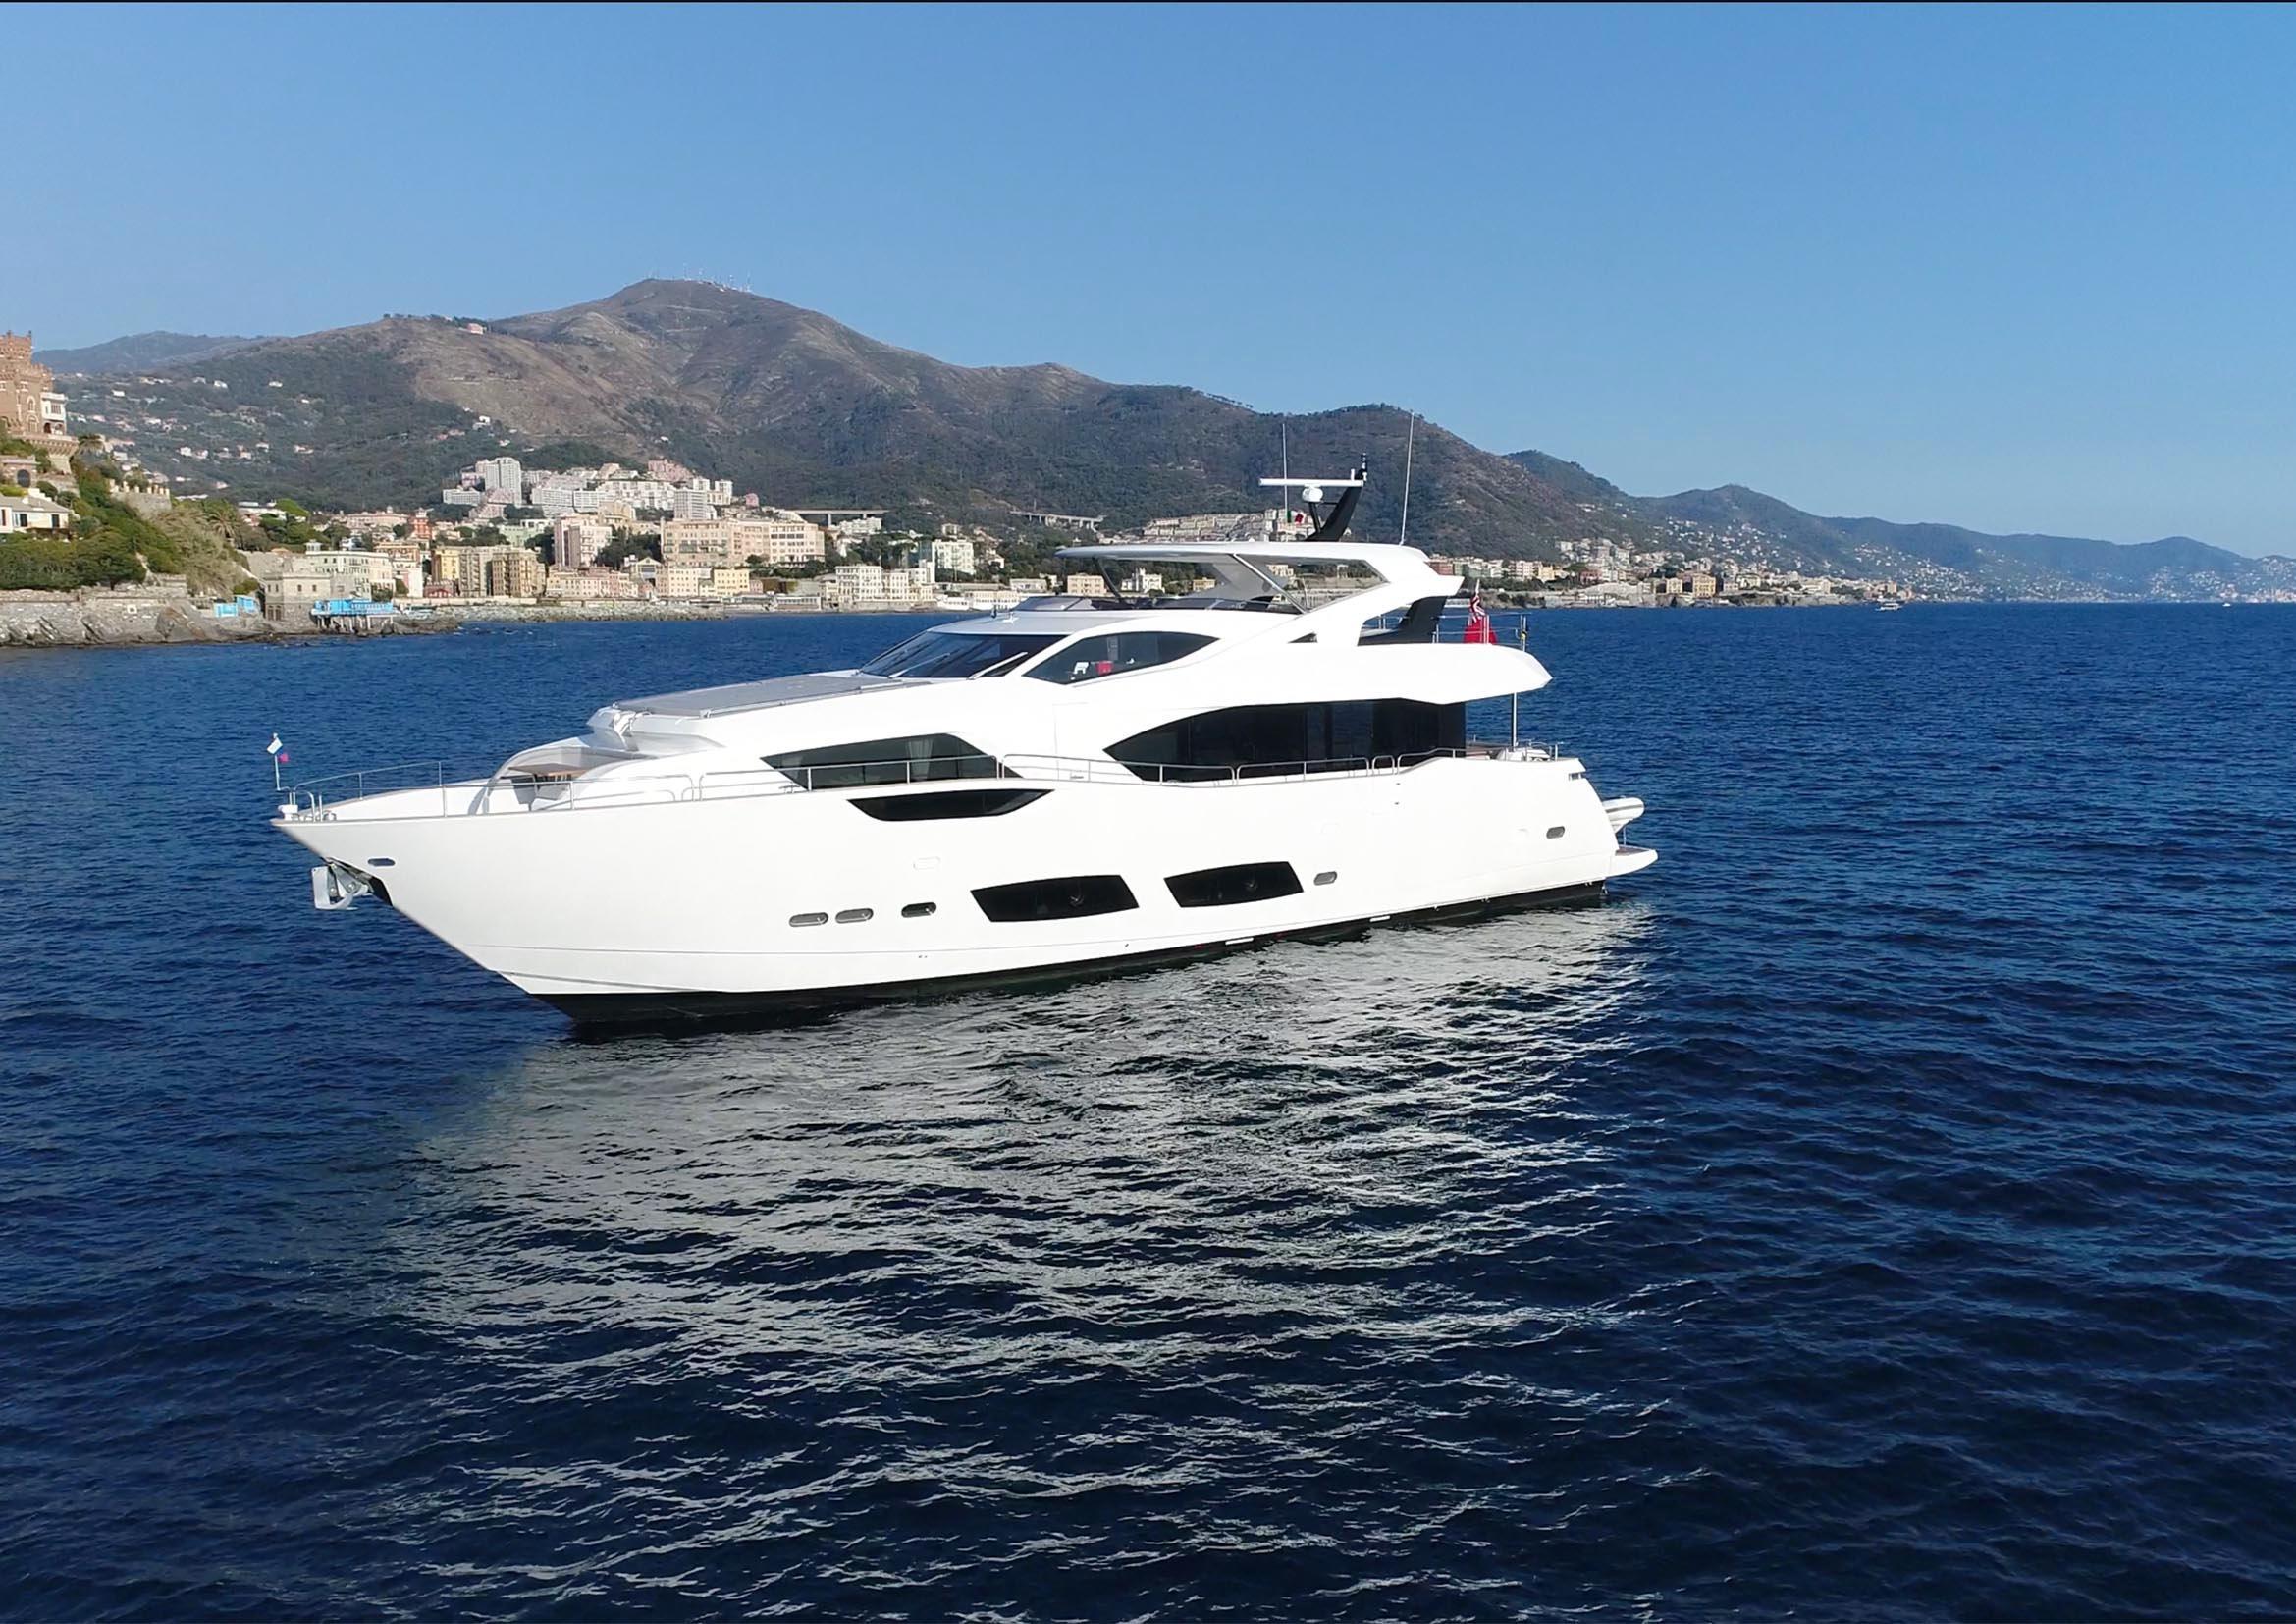 2017 Sunseeker 95 Yacht Power Boat For Sale - Www.Yachtworld.Com